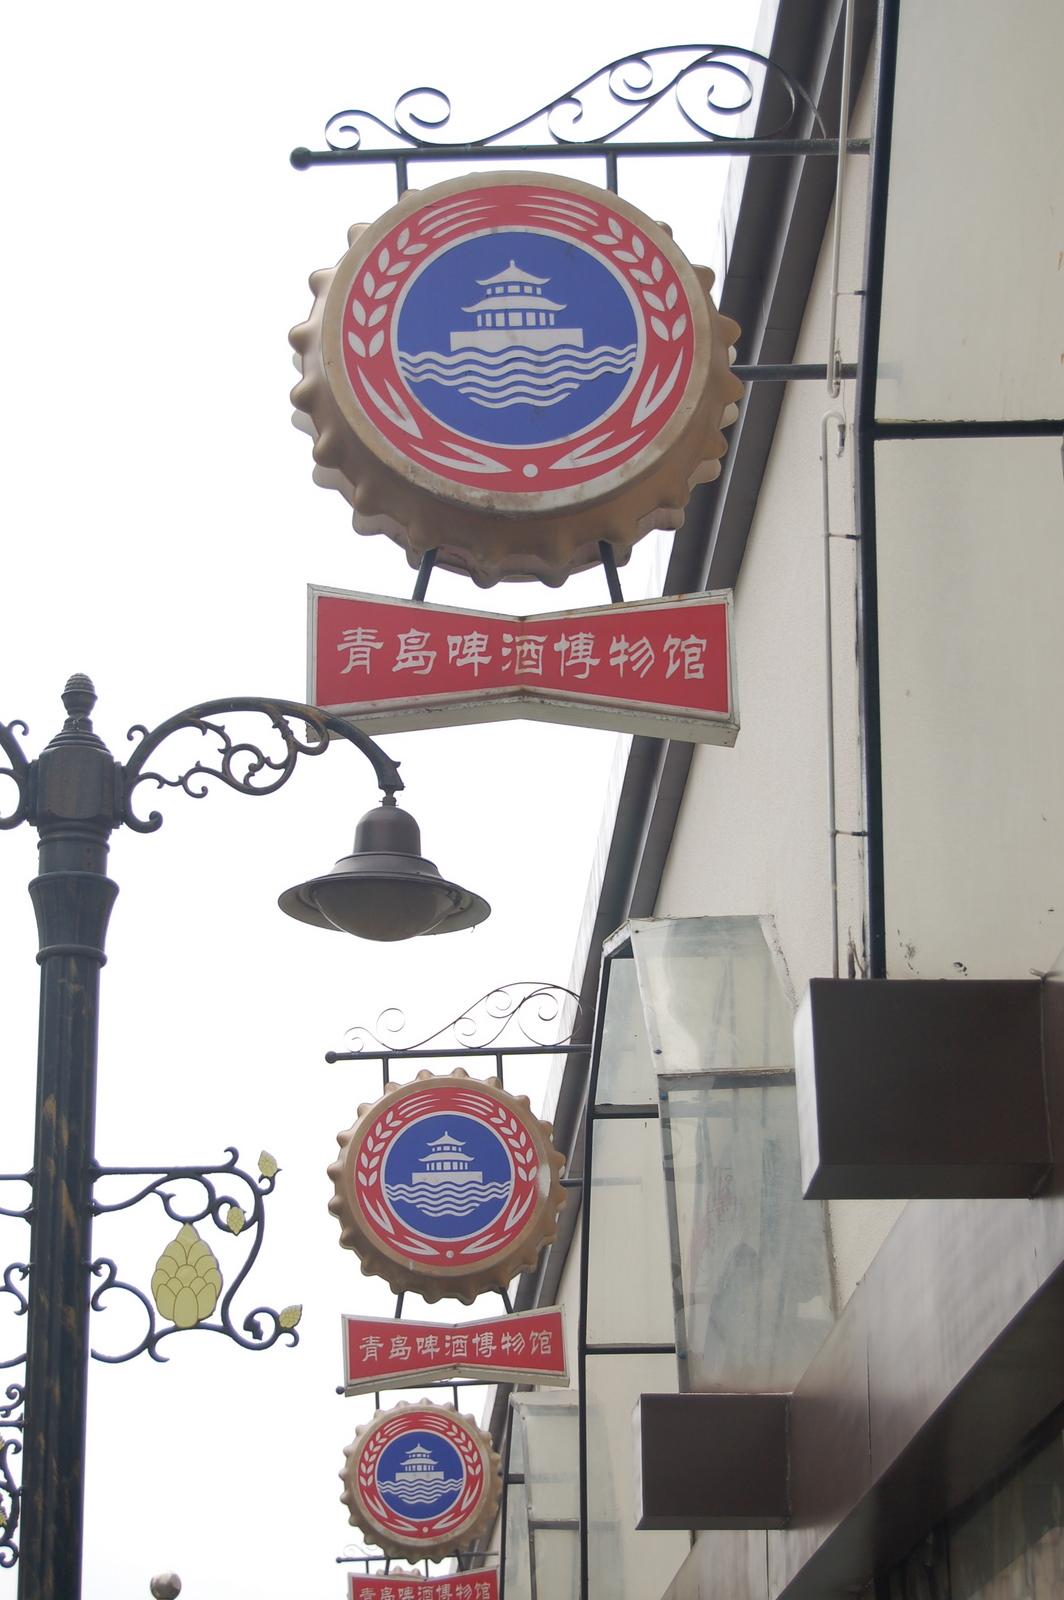 tsingtao signs